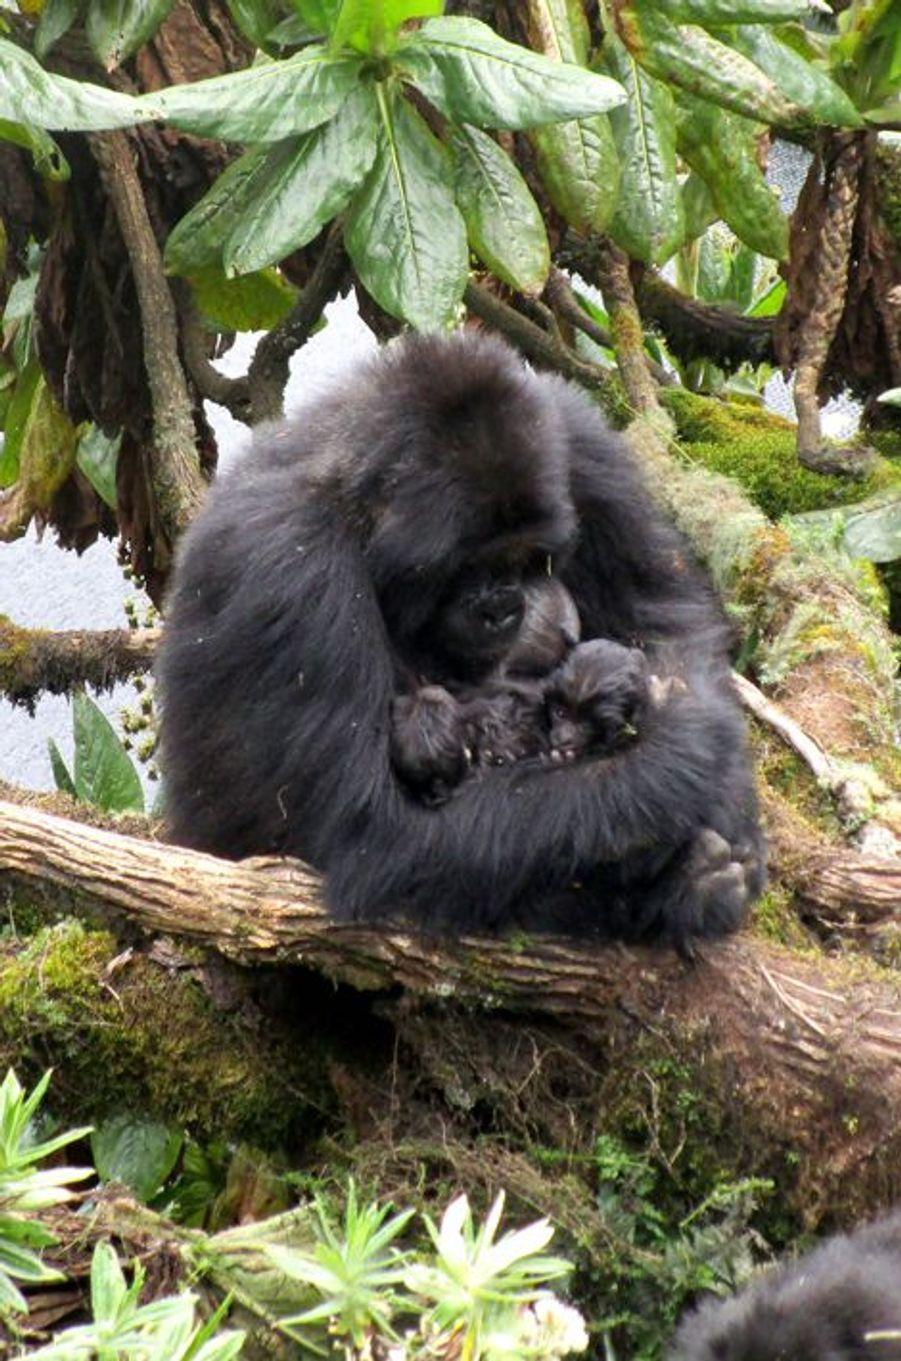 Tendre câlin entre une mère gorille et ses petits jumeaux